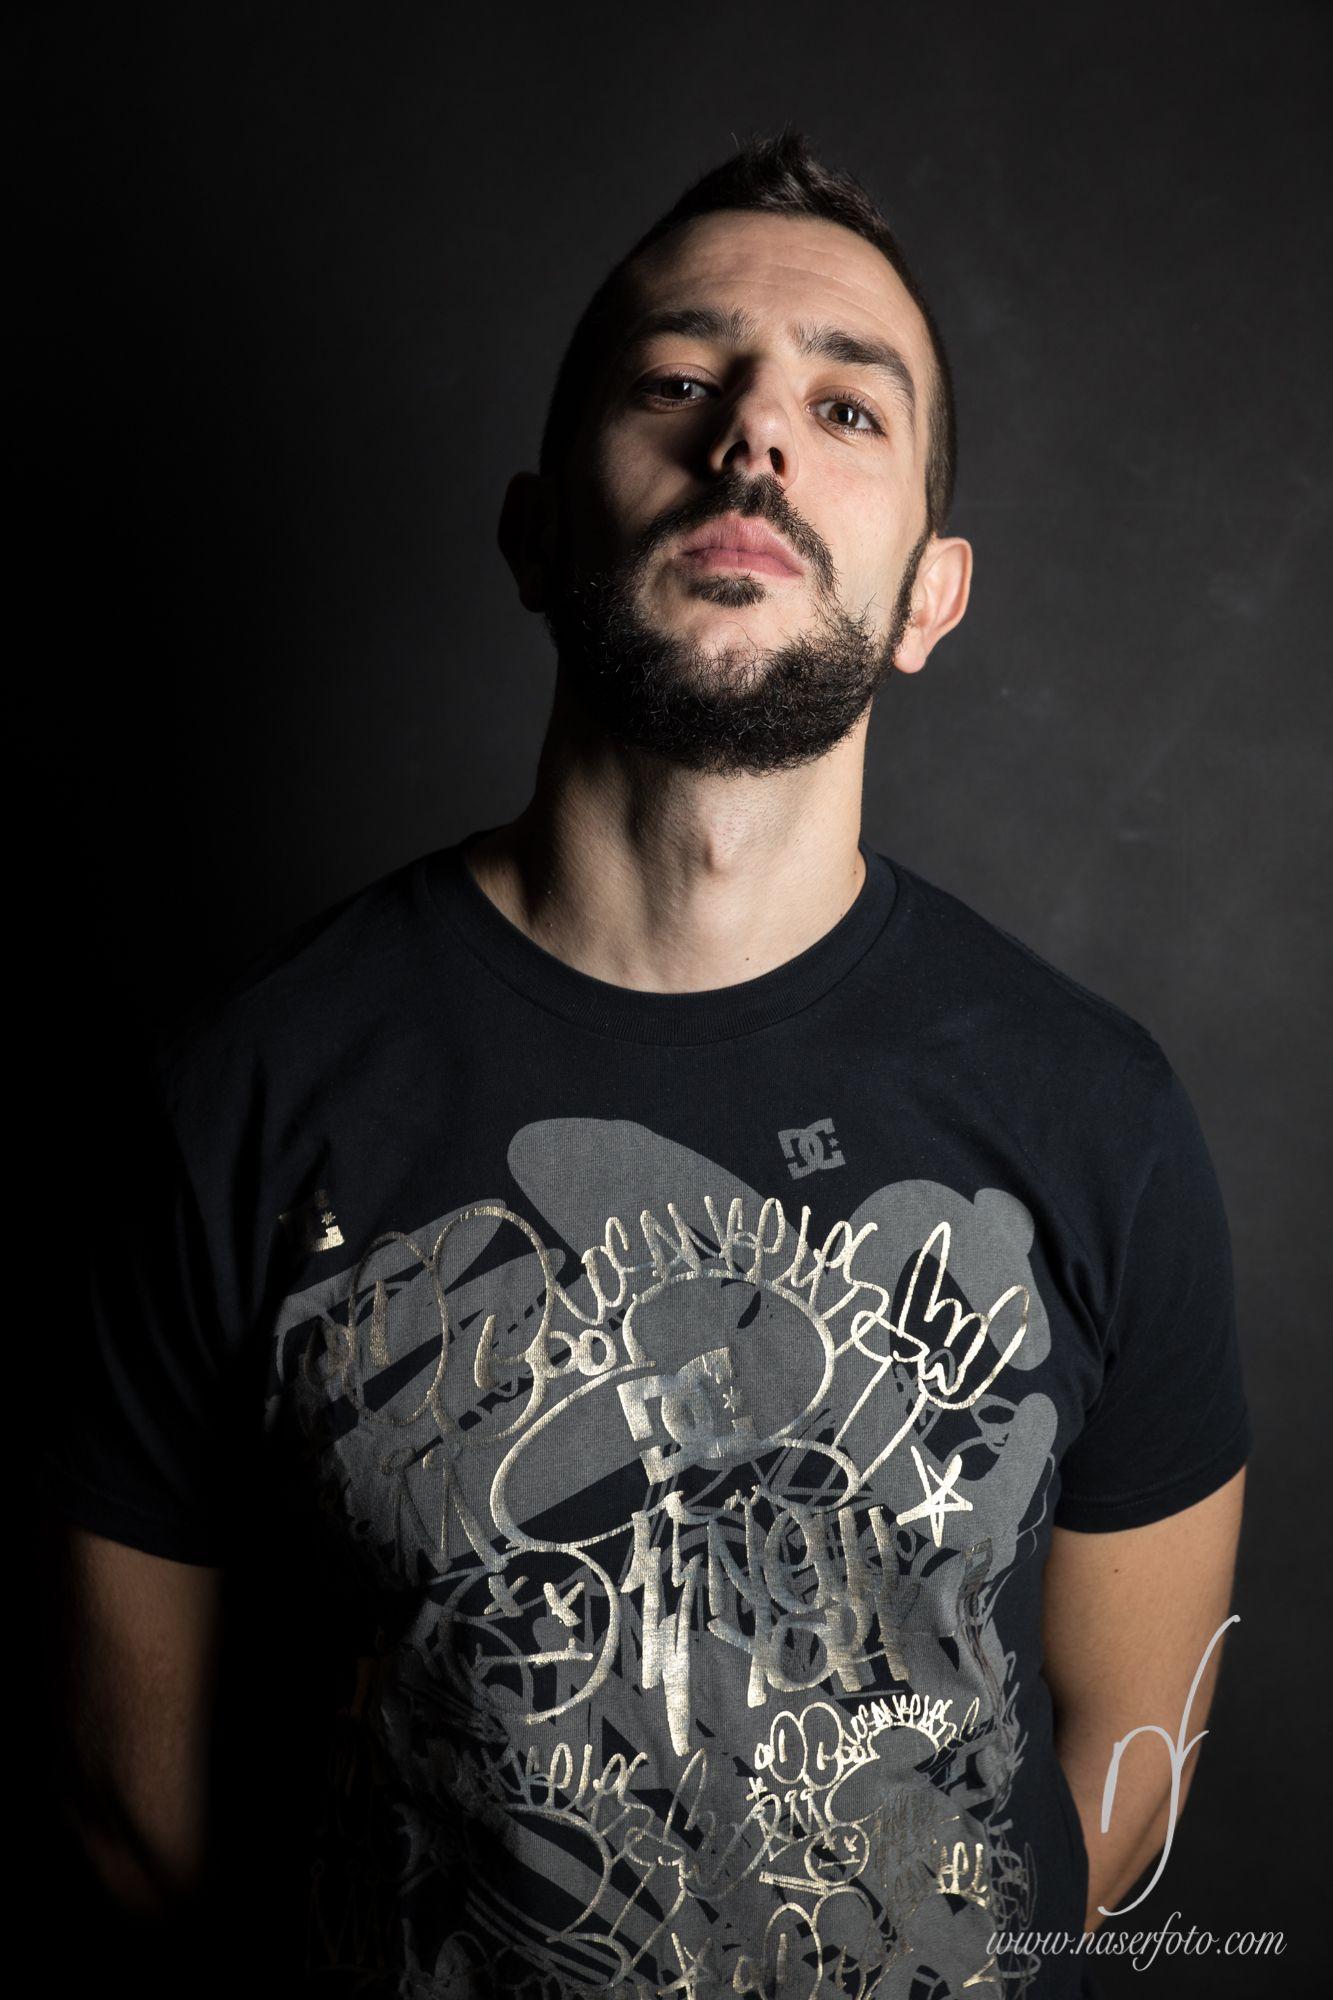 portrait - foto - estudio - retrato - studio -  naserfoto - moda - man - hombre